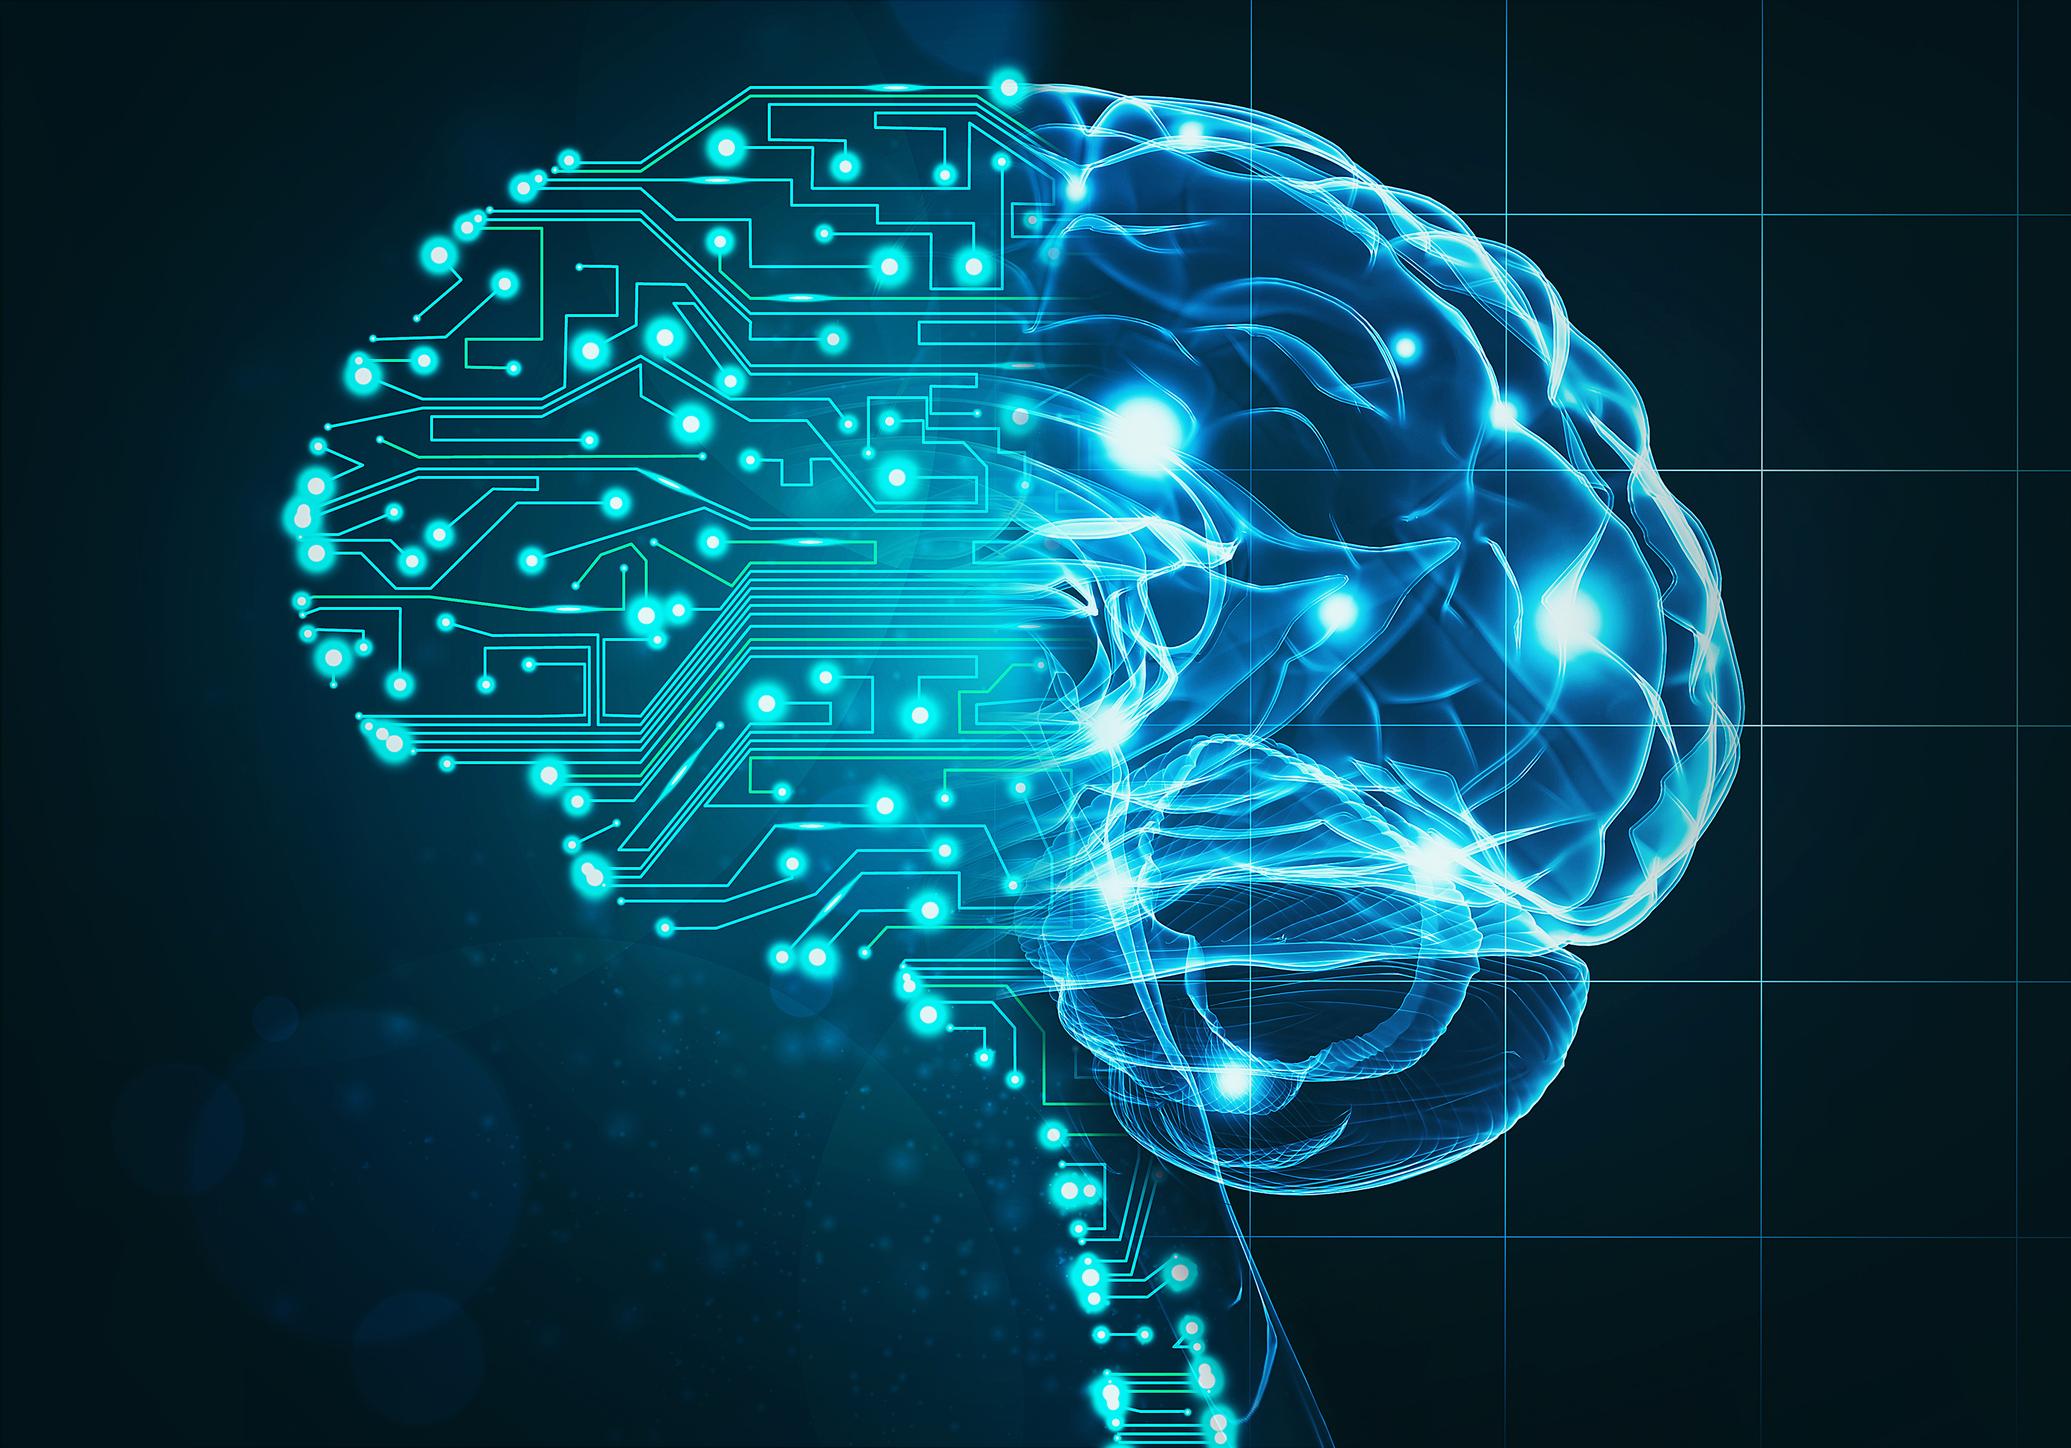 Amazon affina la propria IA: computer sempre più vicini all'essere umano?